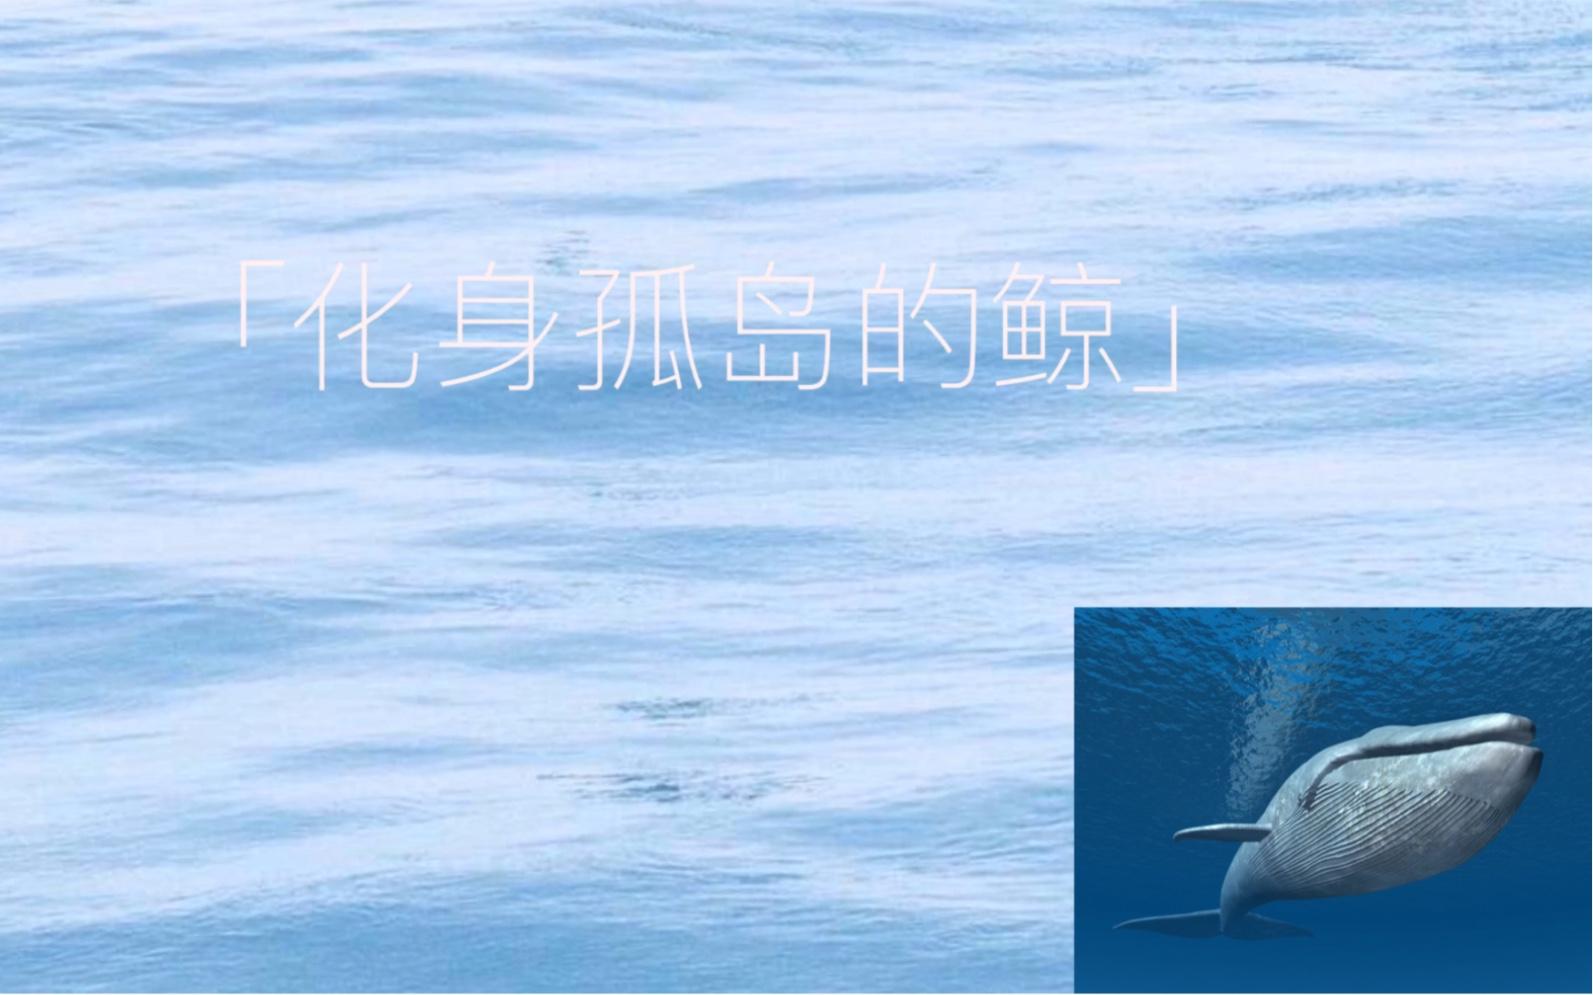 初中生翻唱《化身孤岛的鲸》声音与年龄反差大